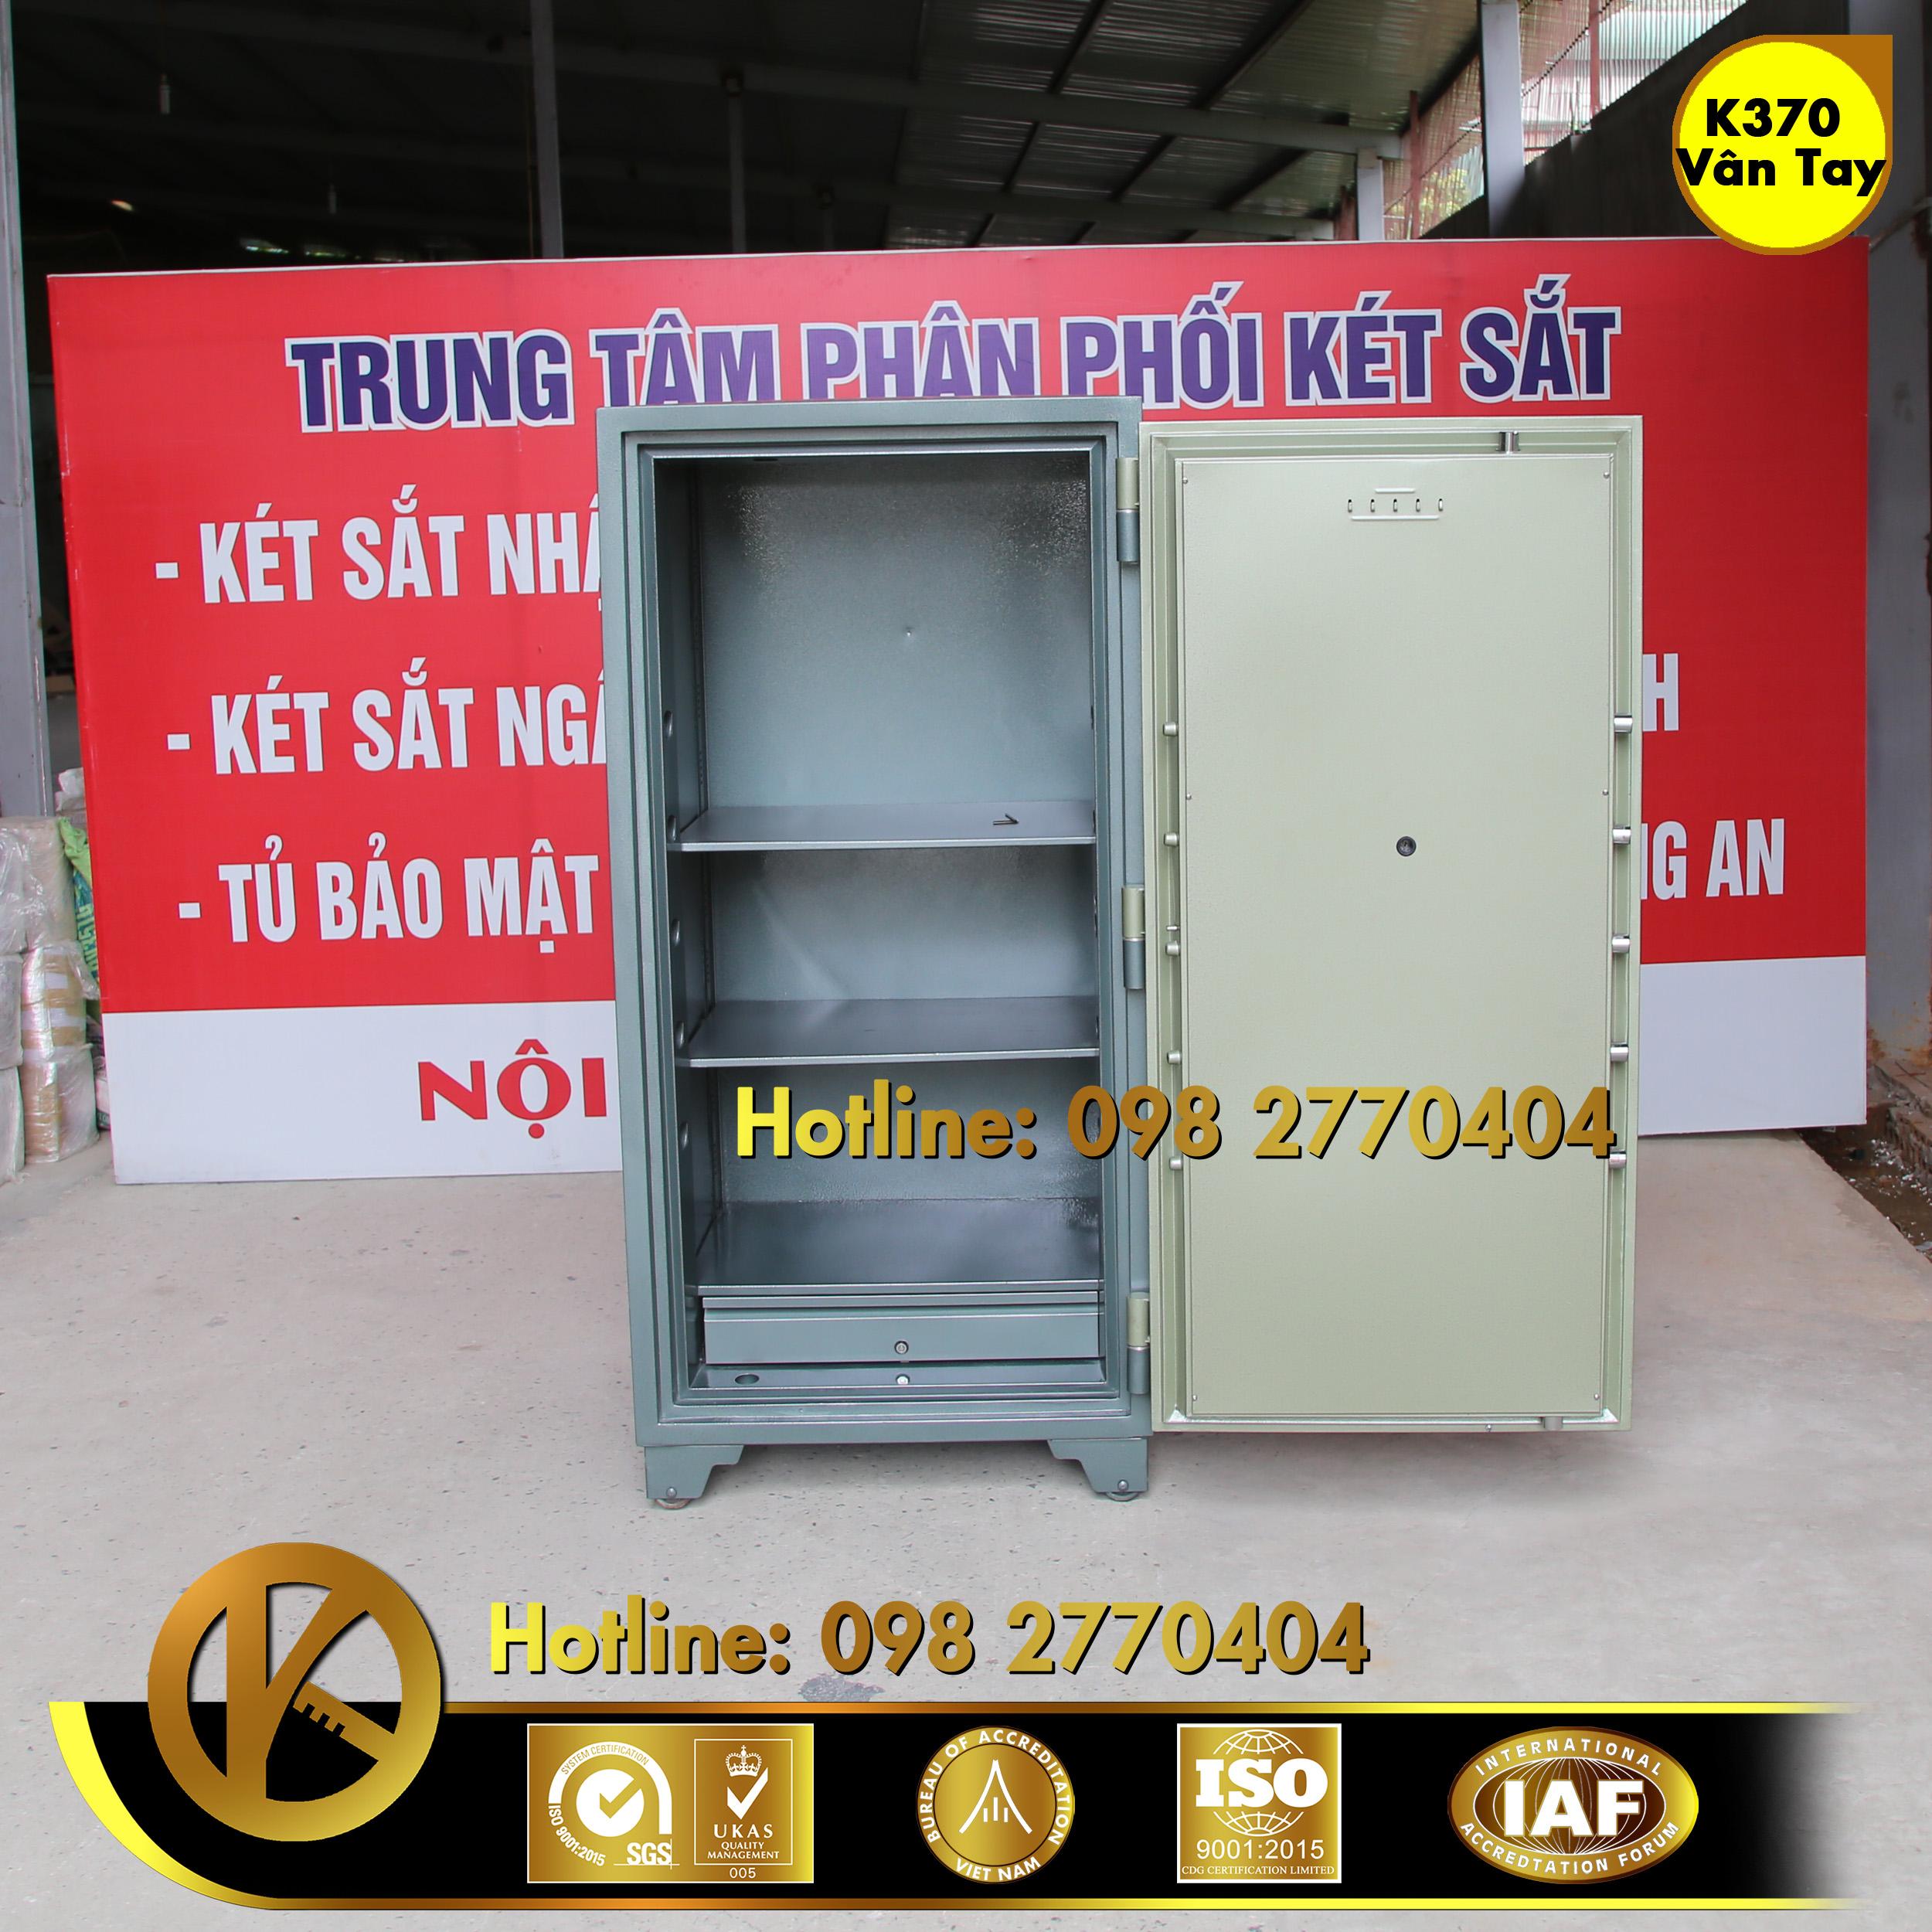 đặc điểm sản phẩm KÉT SẮT NGÂN HÀNG BEMC K370 KHOÁ VÂN TAY